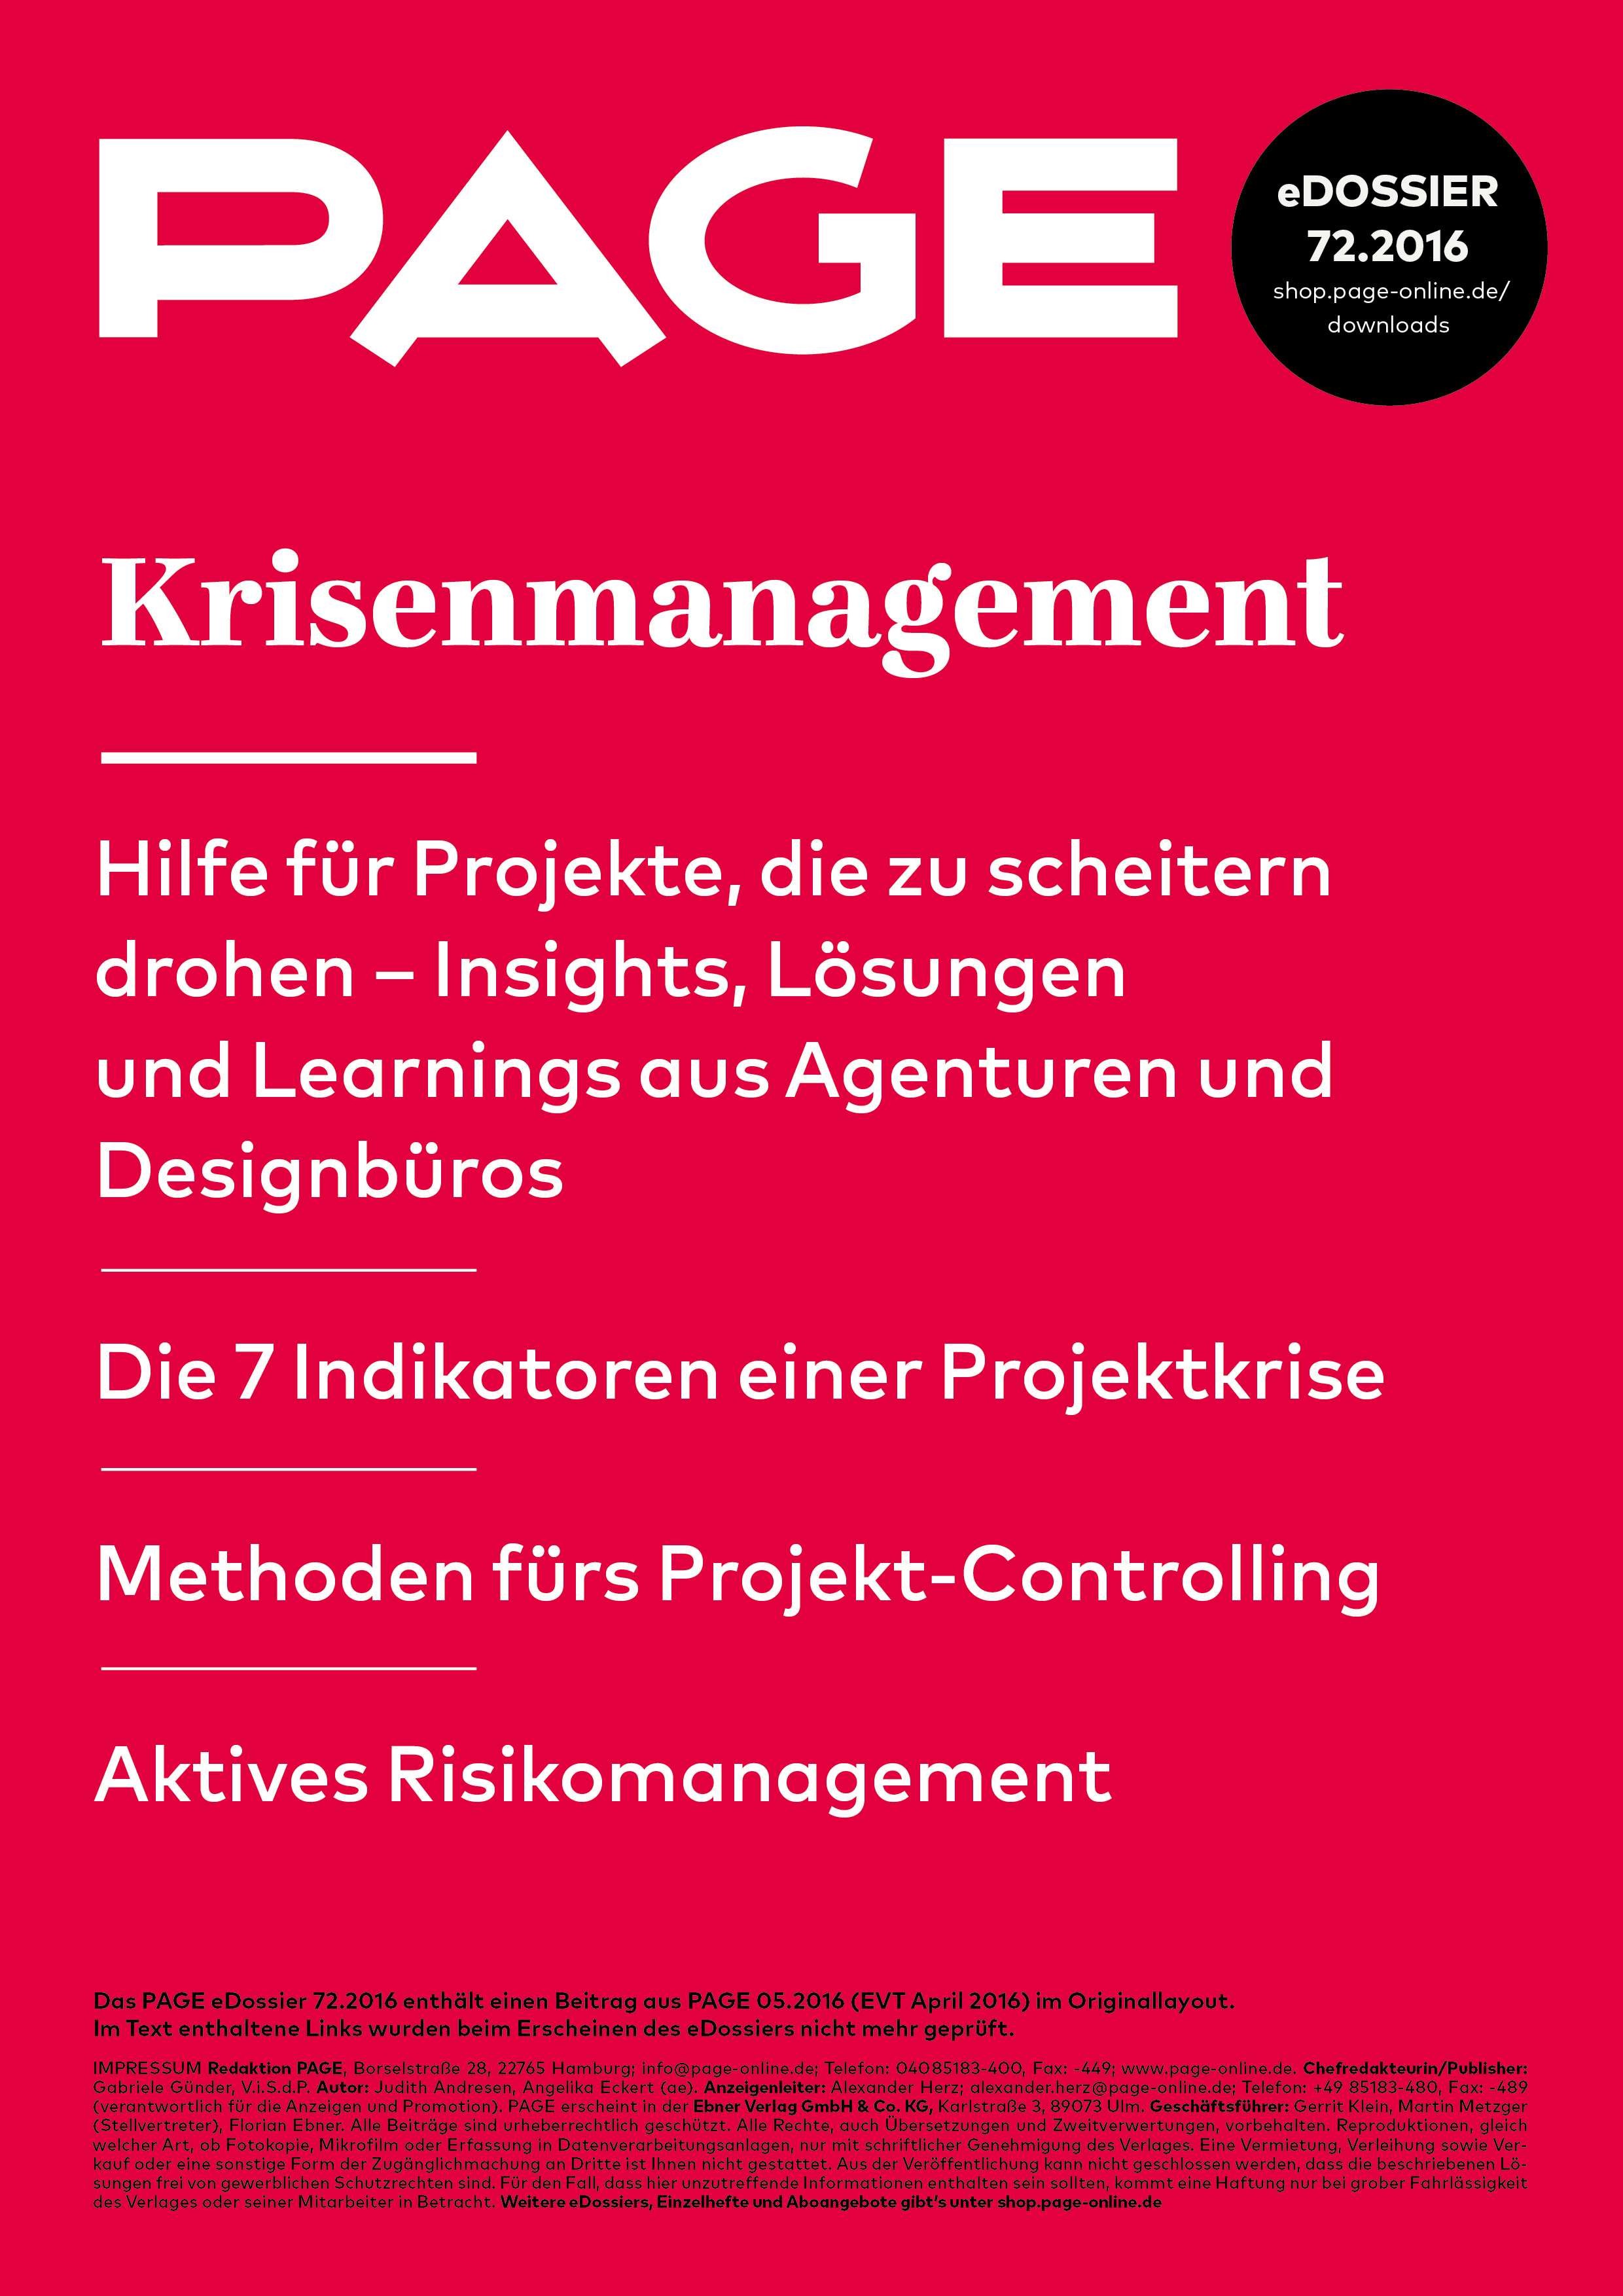 Krisenmanagement, Projektmanagement, Risikomanagement